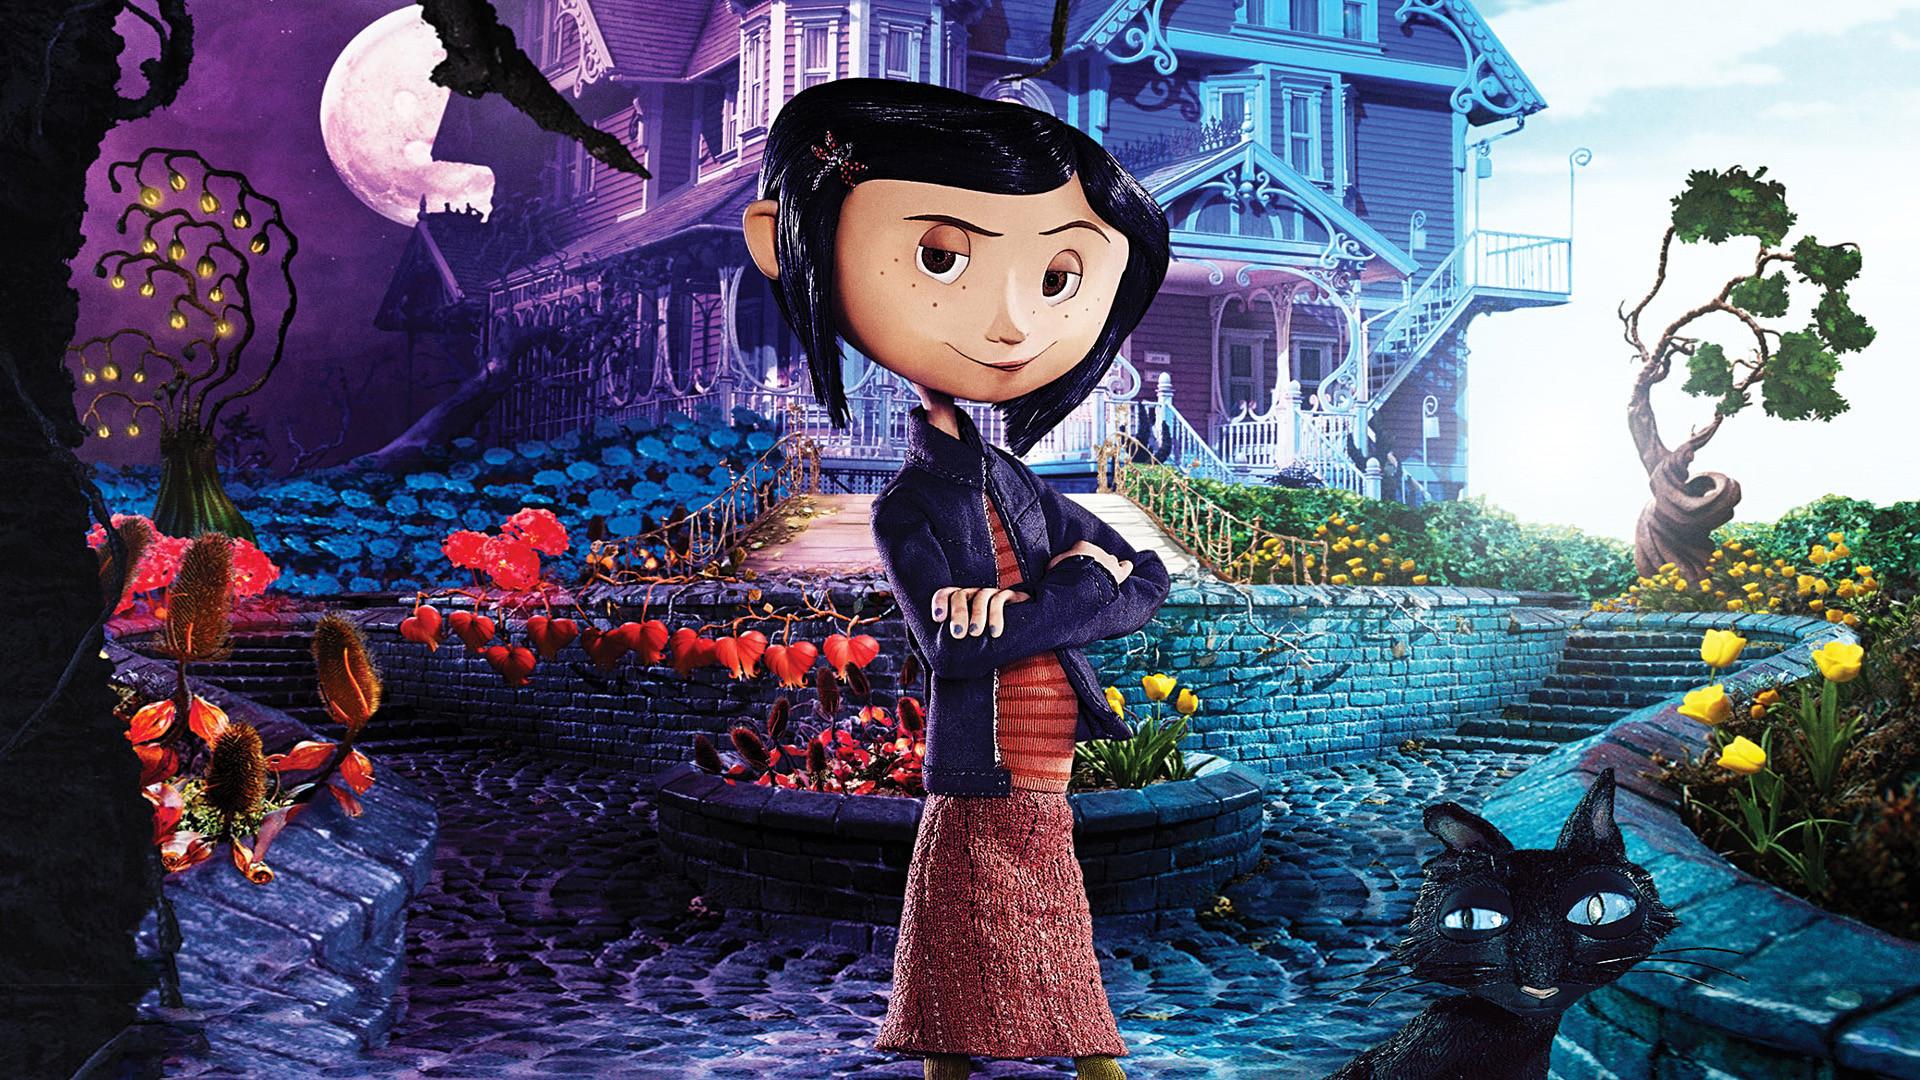 Coraline: ótima animação em stop motion adaptada de uma obra de Neil Gaiman.